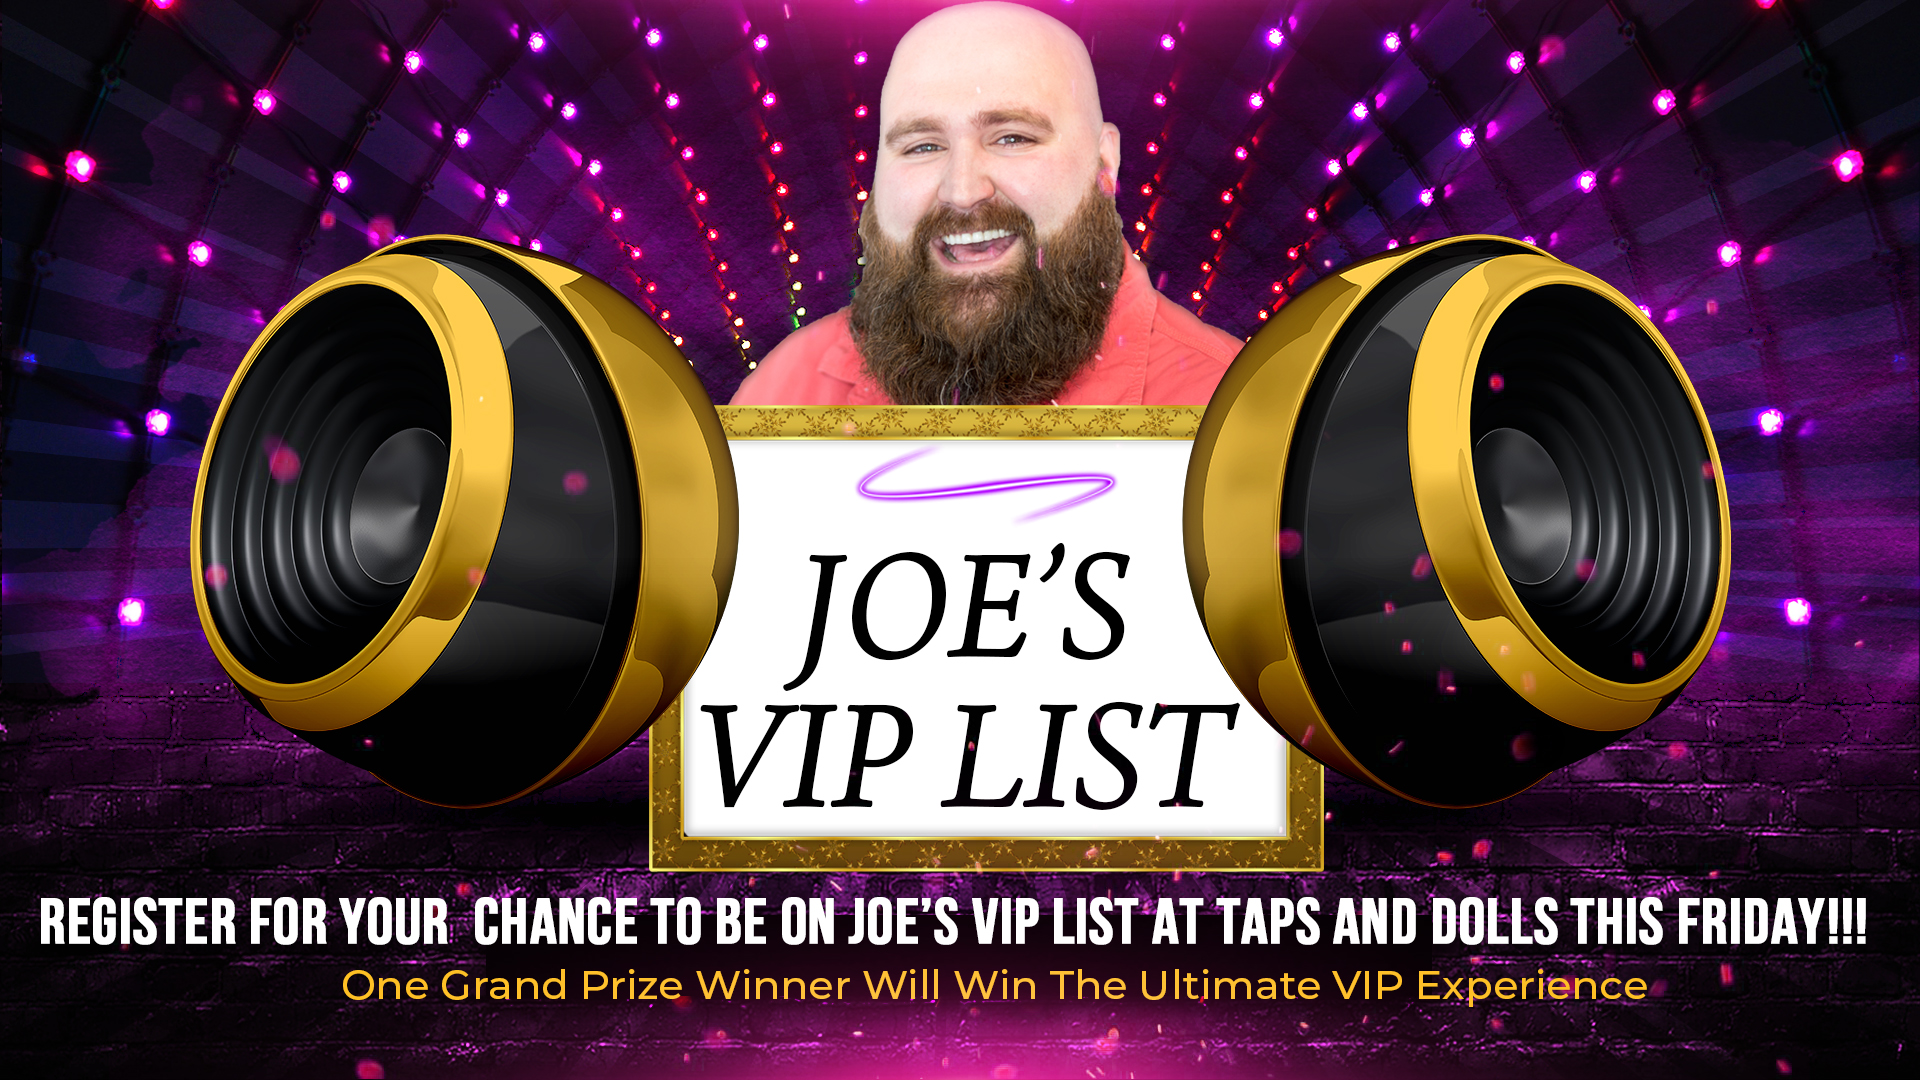 Joe's VIP List at Taps & Dolls Flyer